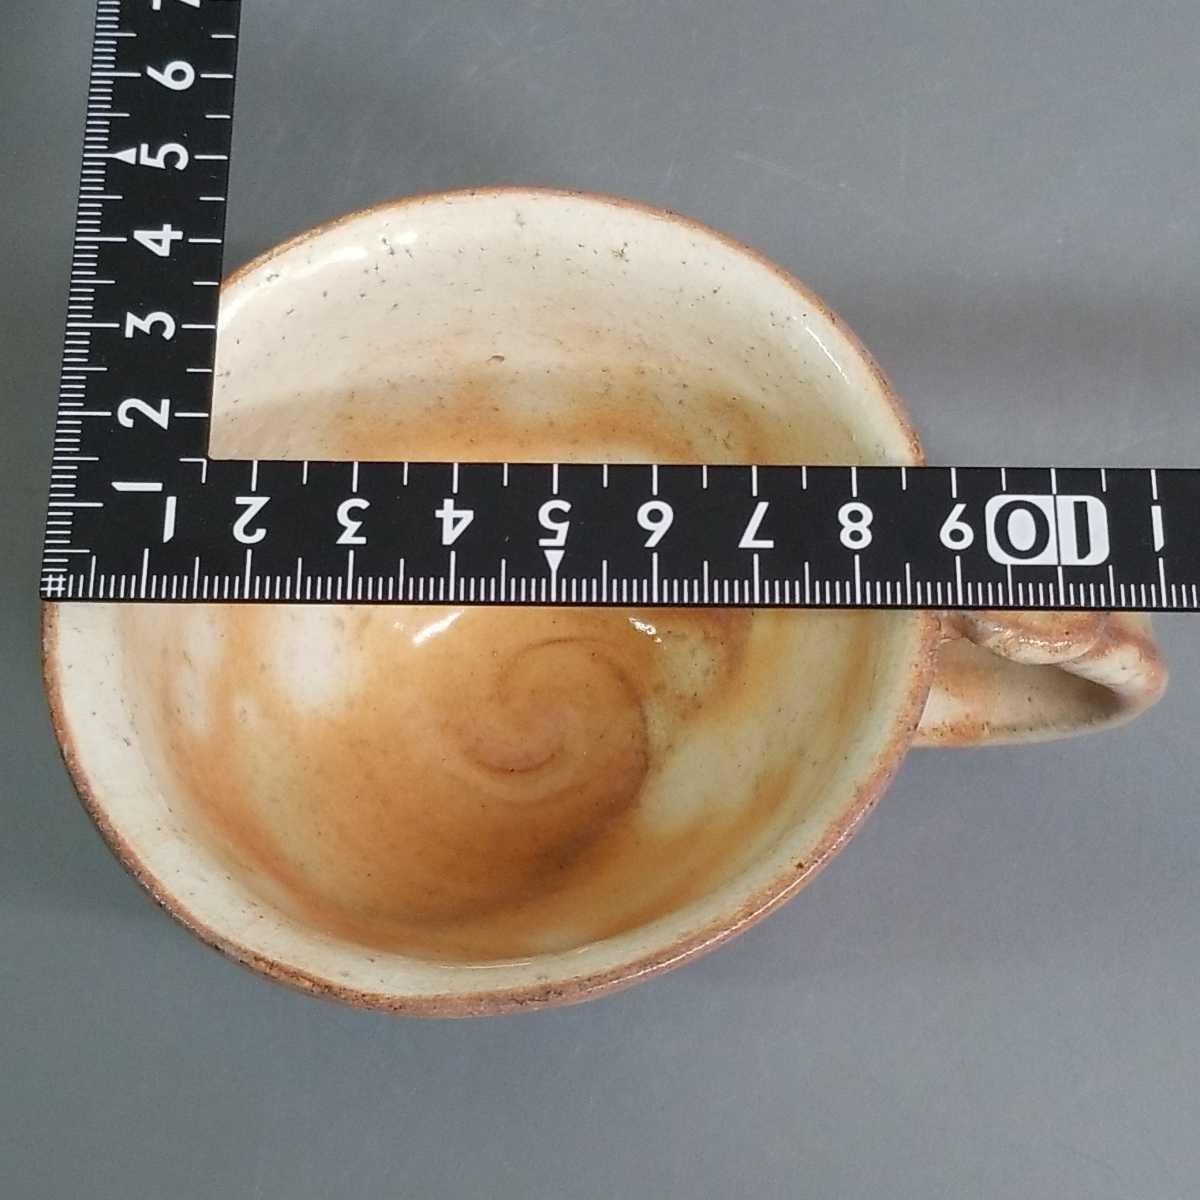 緒62)萩焼 渋谷泥詩 見島コーヒーカップ マグカップ 珈琲器 茶器 未使用新品 同梱歓迎_画像8